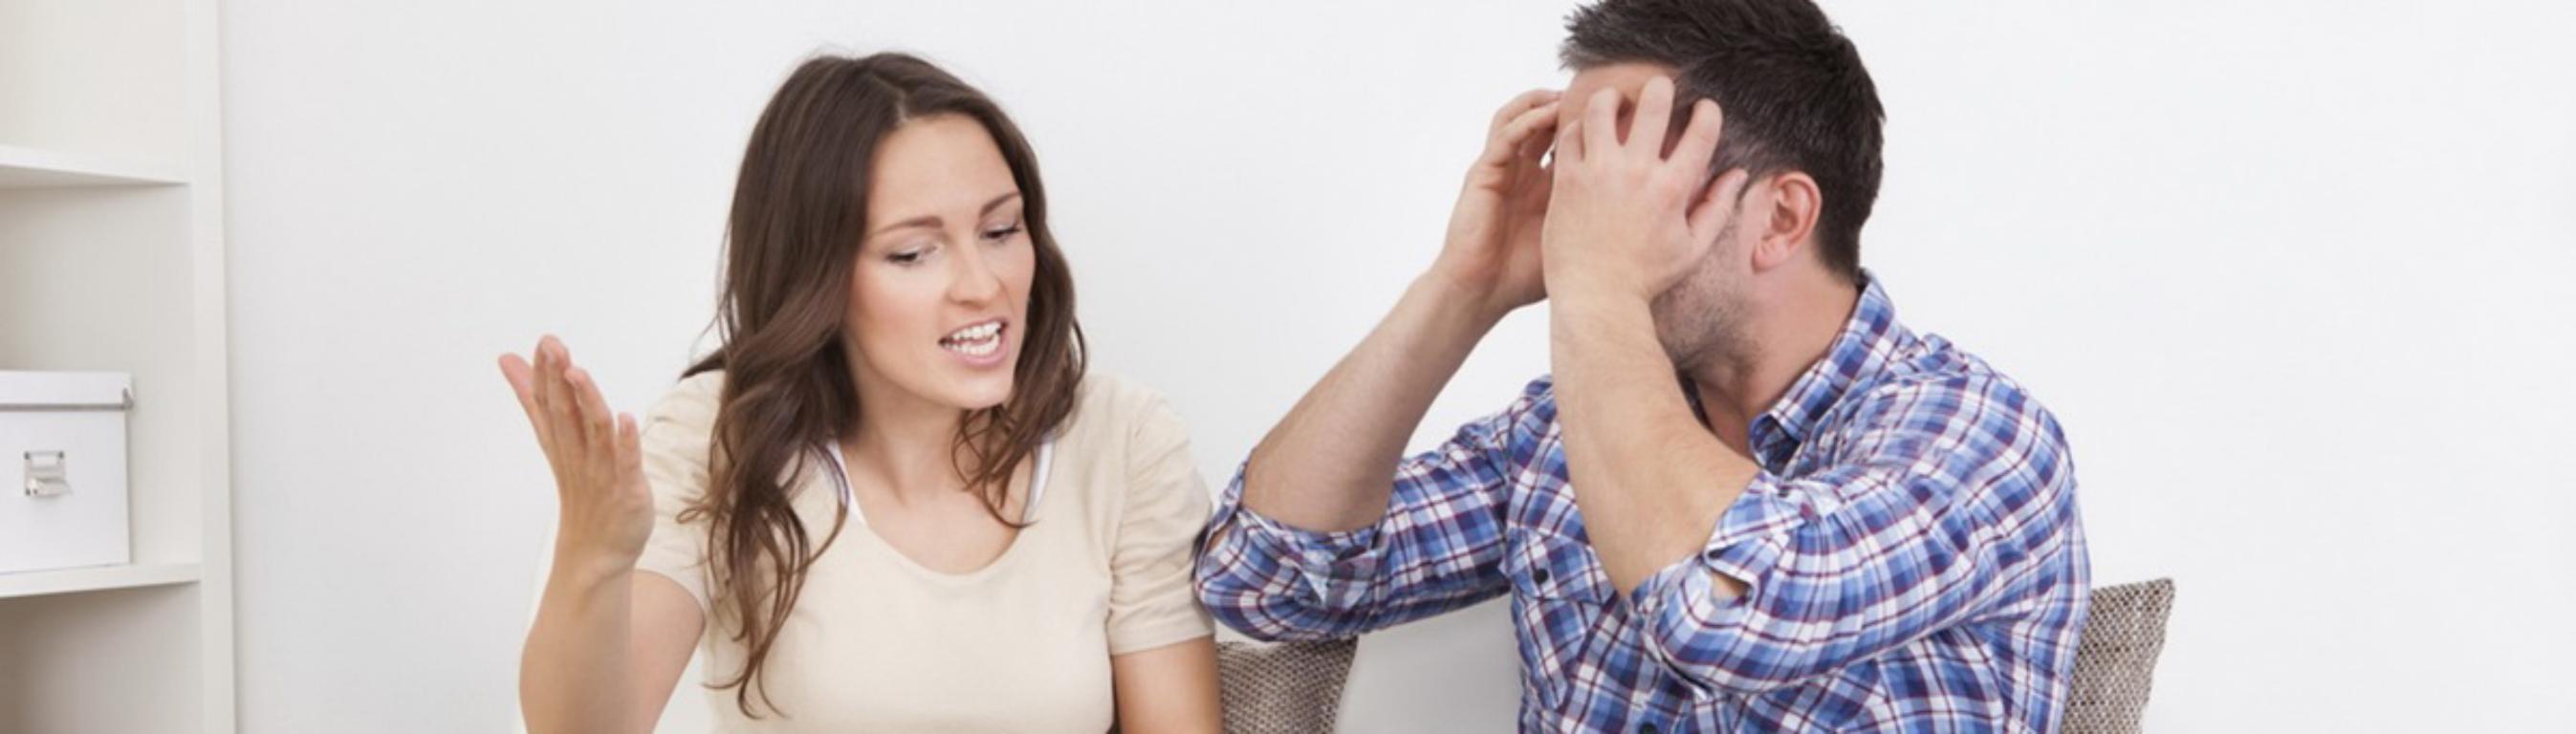 Divorce Problem Solution - No 1 Indian Astrologer in South